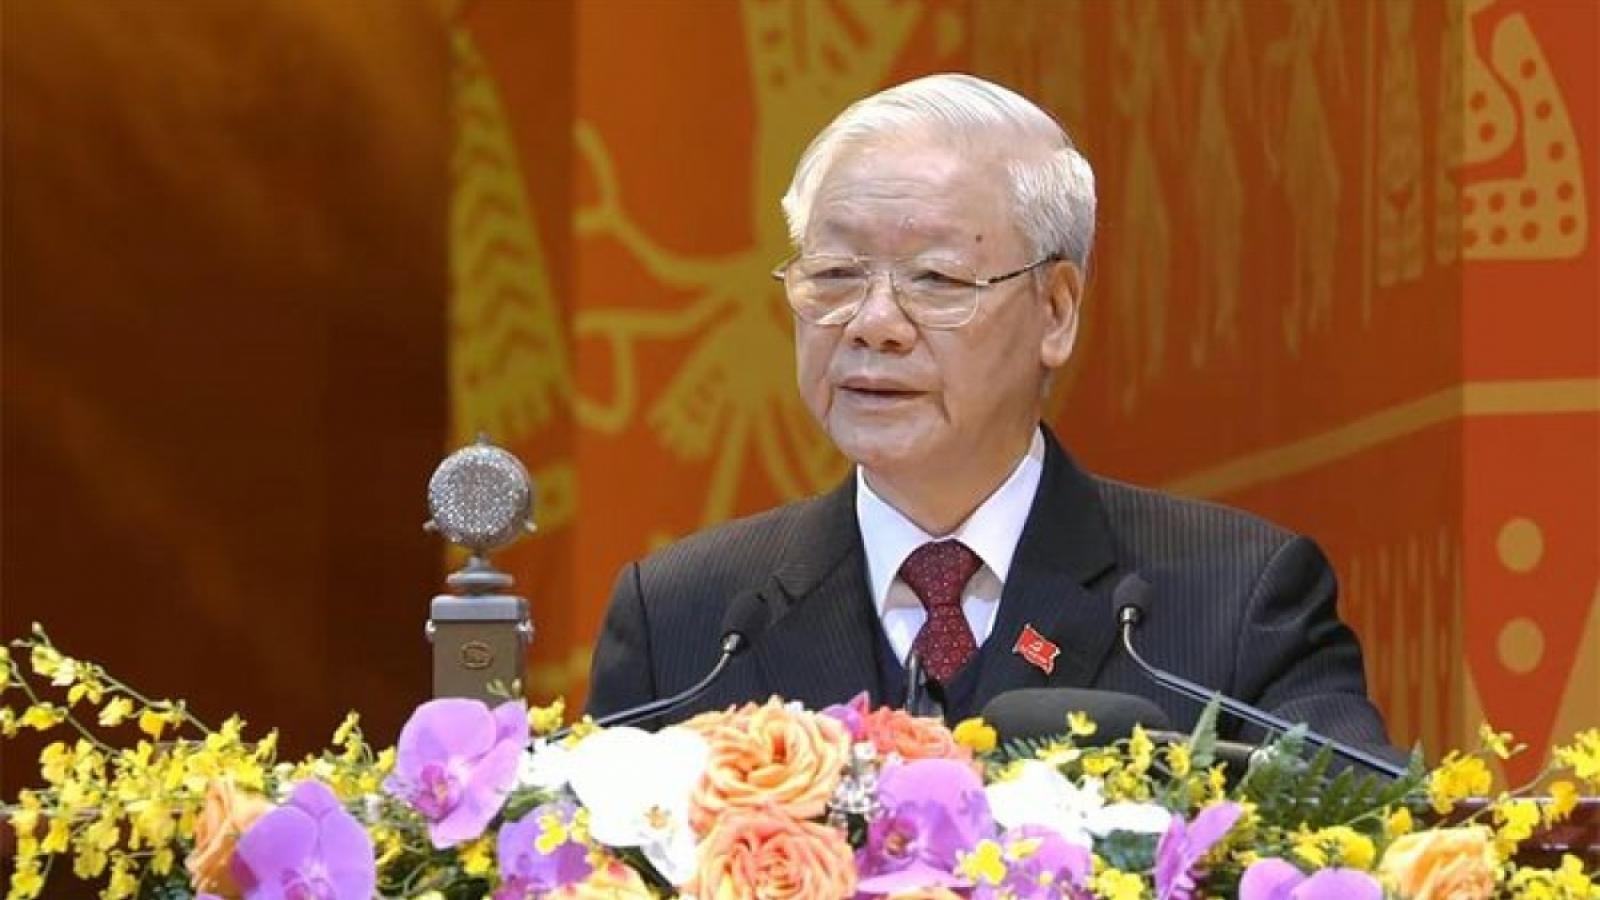 Lãnh đạo các đảng, bạn bè quốc tế tiếp tục gửi thư chúc mừng Tổng Bí thư